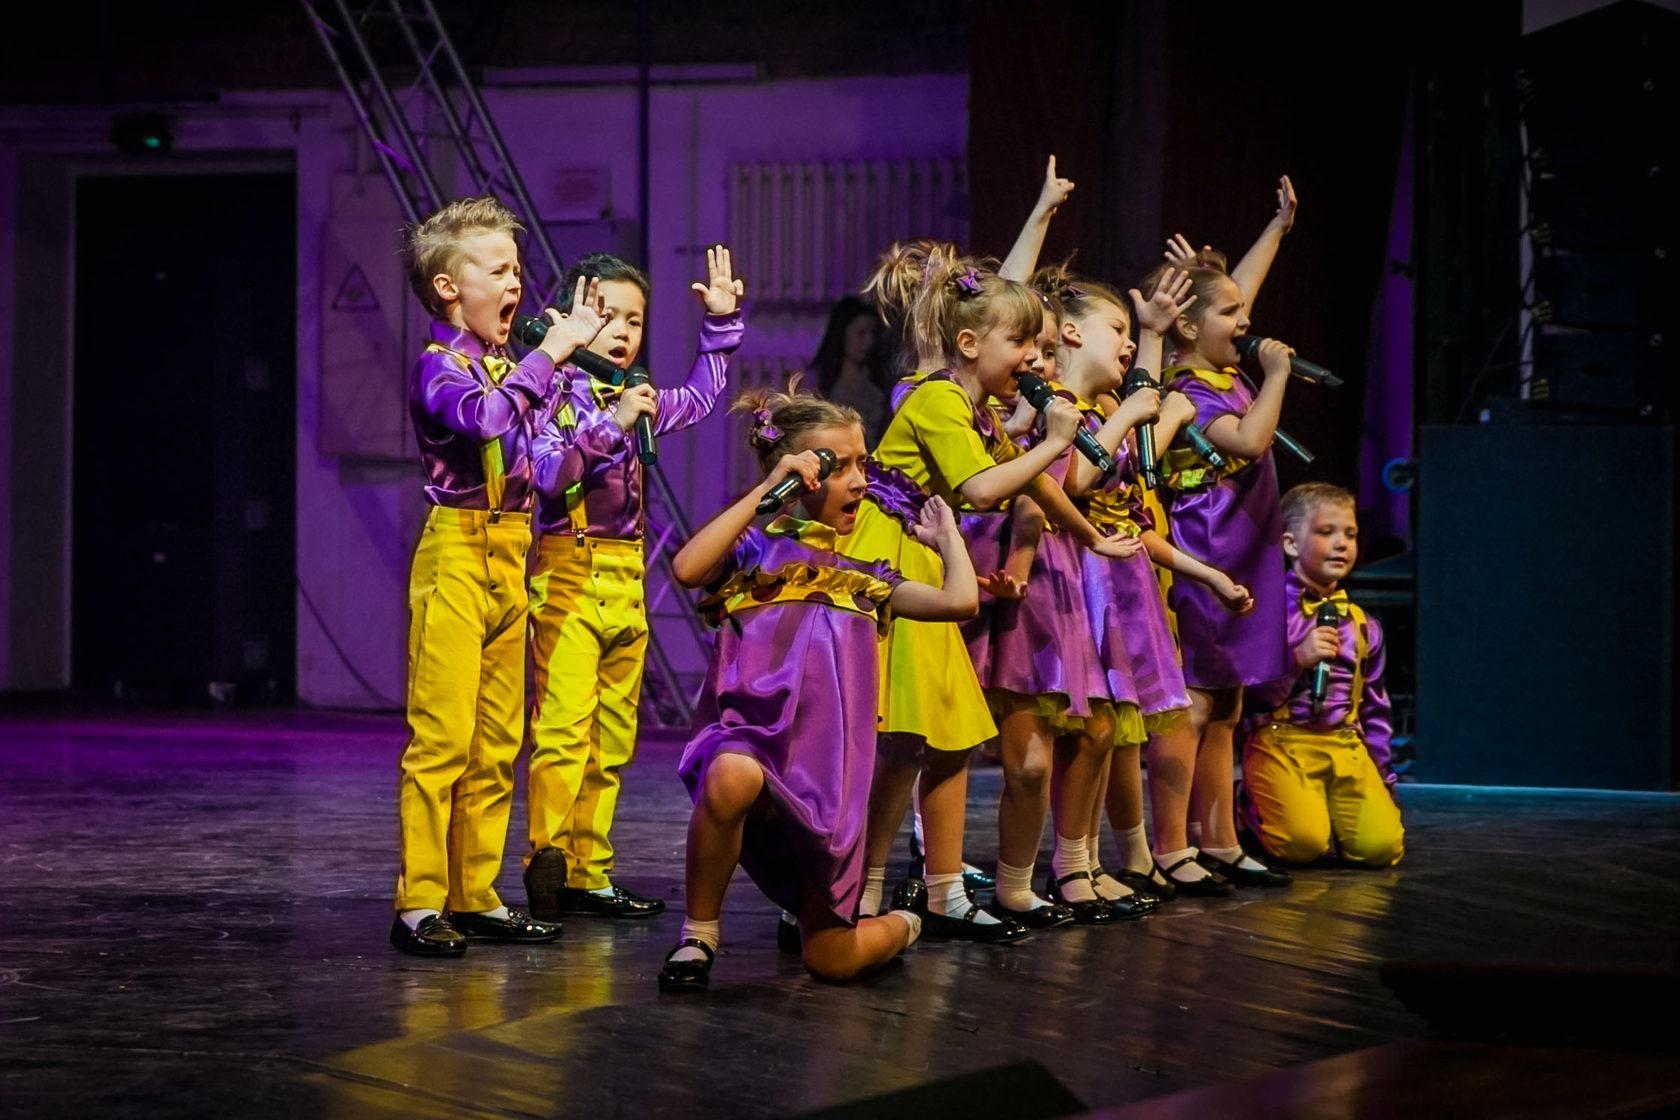 Школа танцев для детей приглашает на обучение детским танцам.